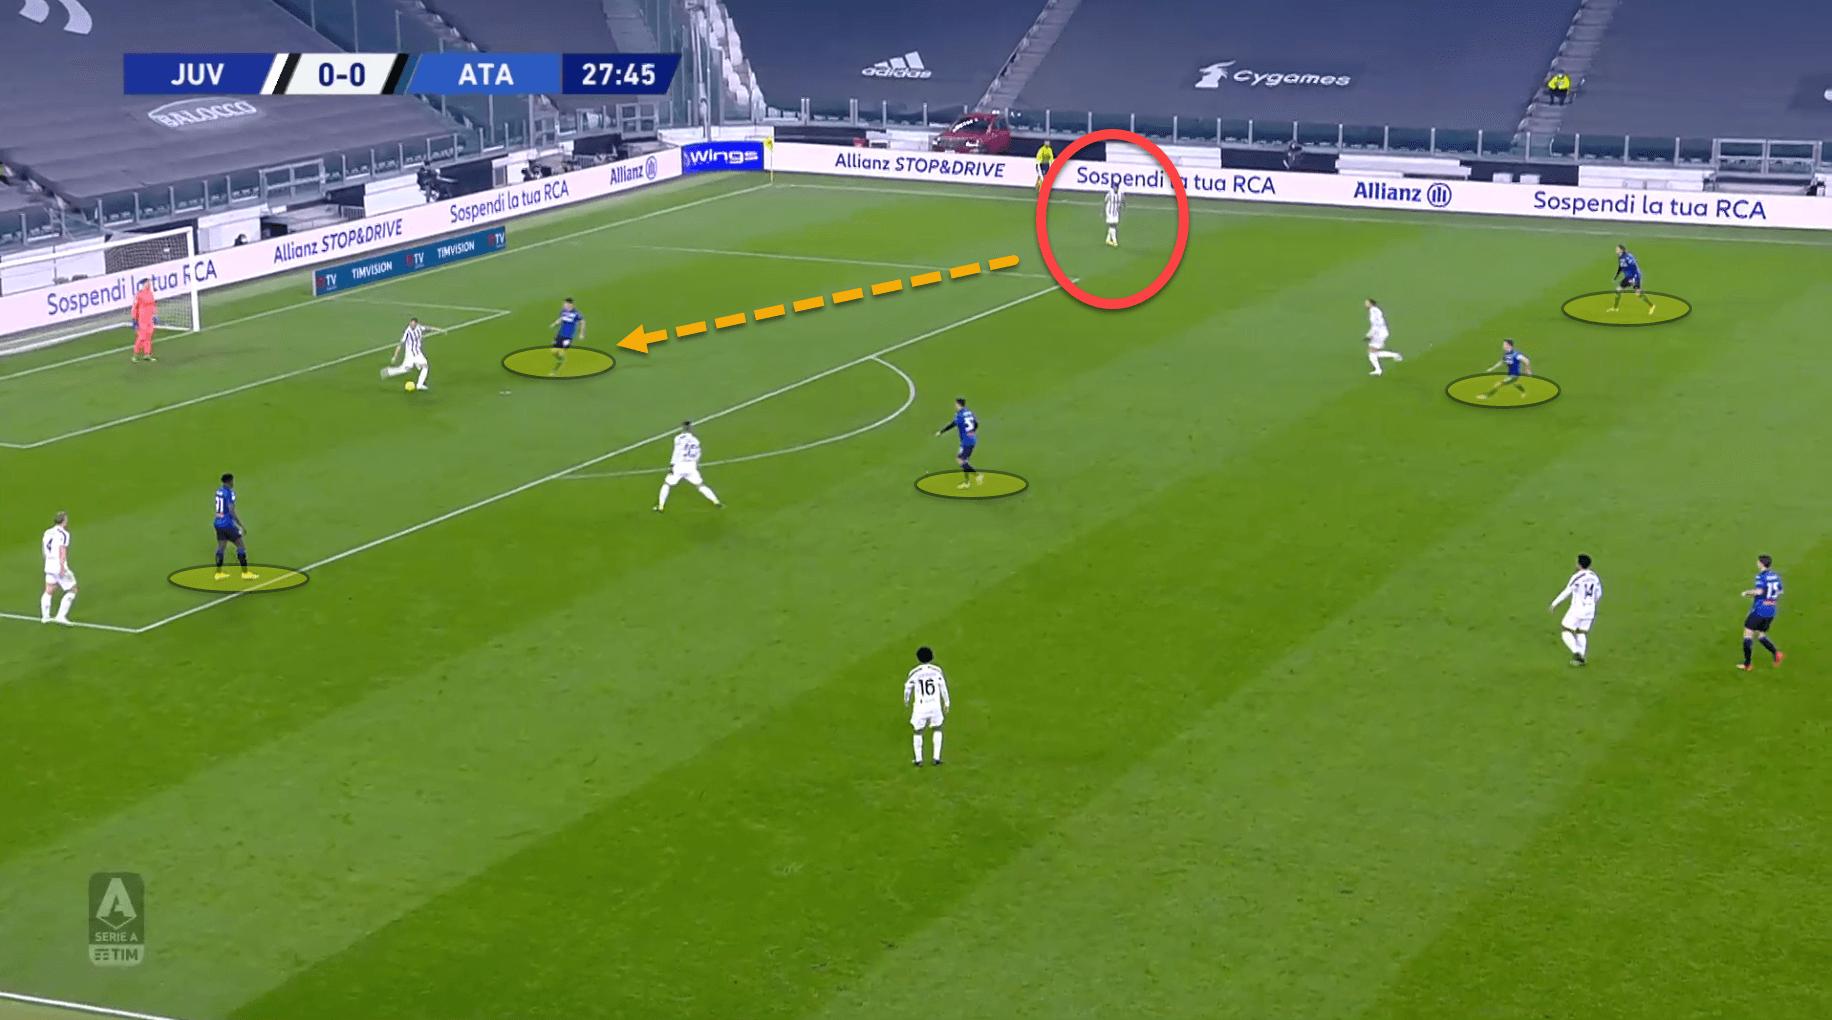 Serie A 2020/21: Juventus vs Genoa - tactical analysis tactics